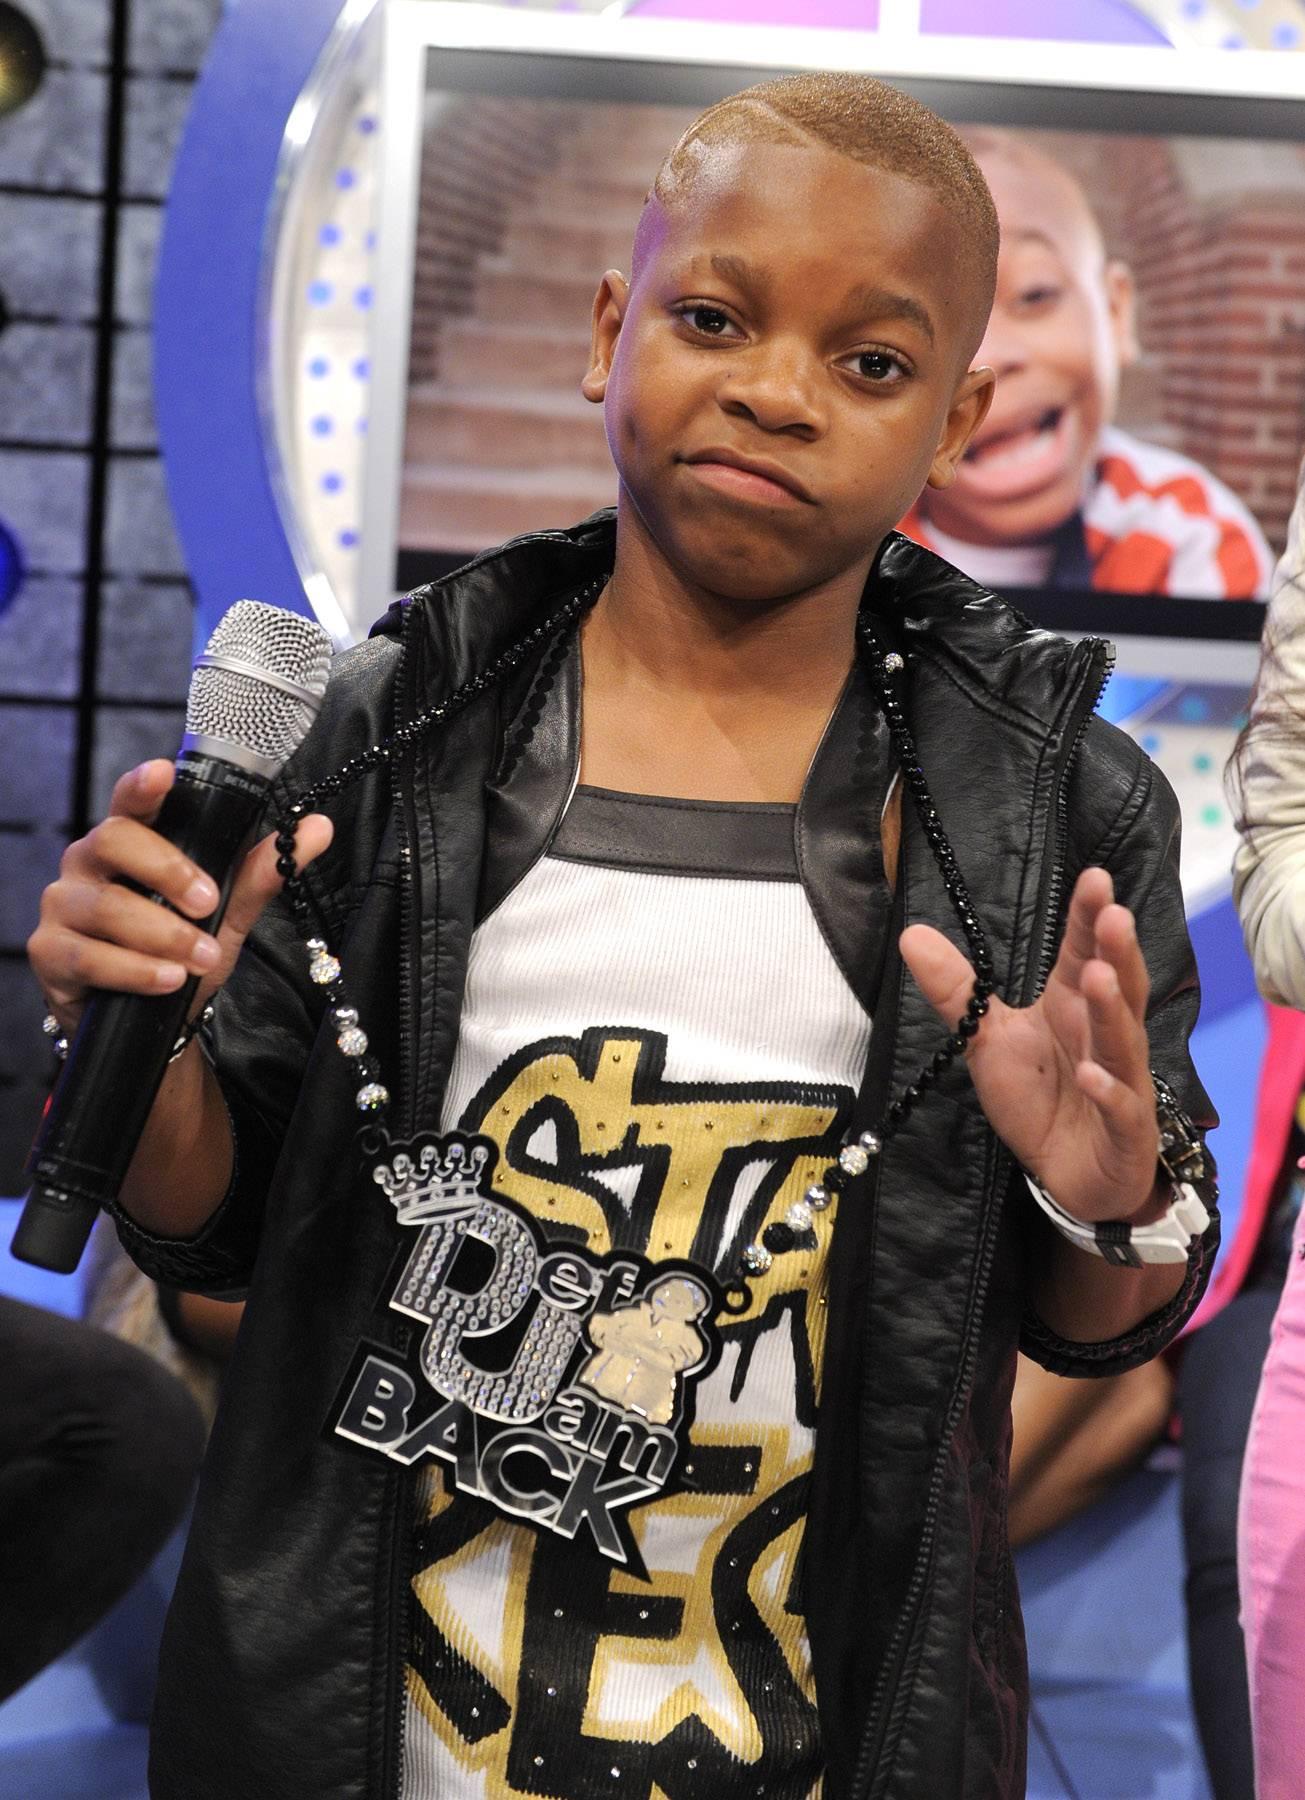 Swagg - Lil Niqo at 106 & Park, May 16, 2012. (Photo: John Ricard / BET)